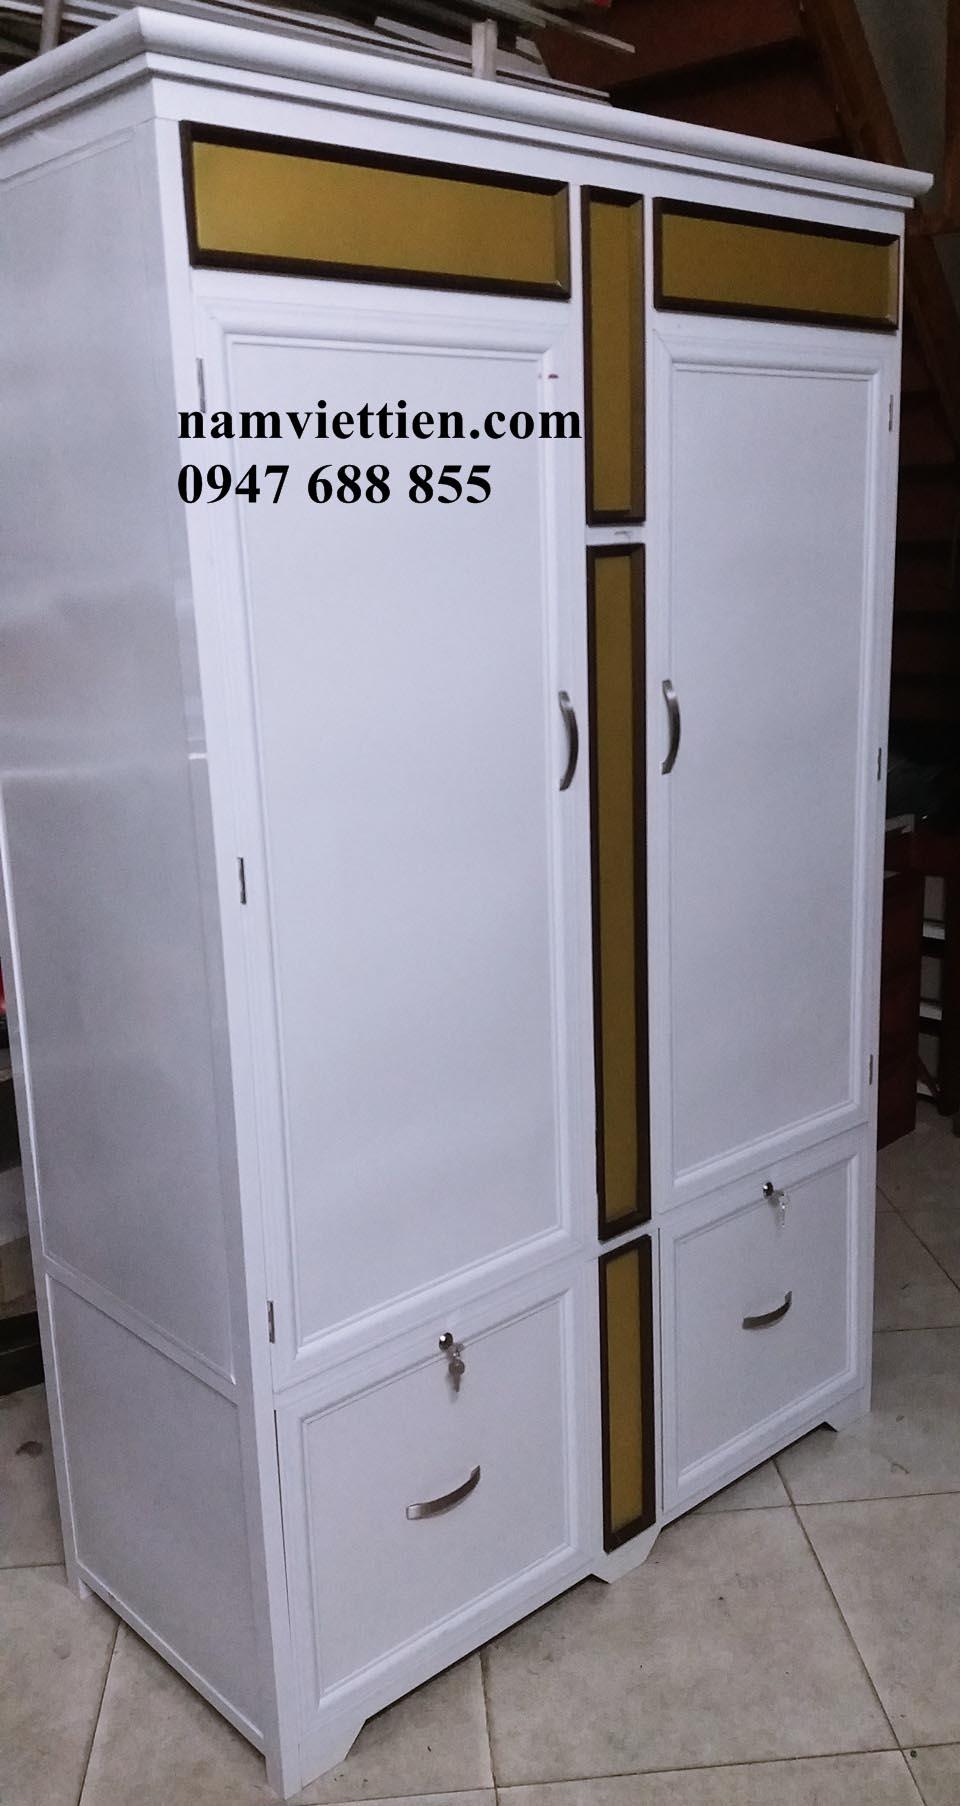 20180718 190604 - Những mẫu tủ quần áo đẹp hiện đại